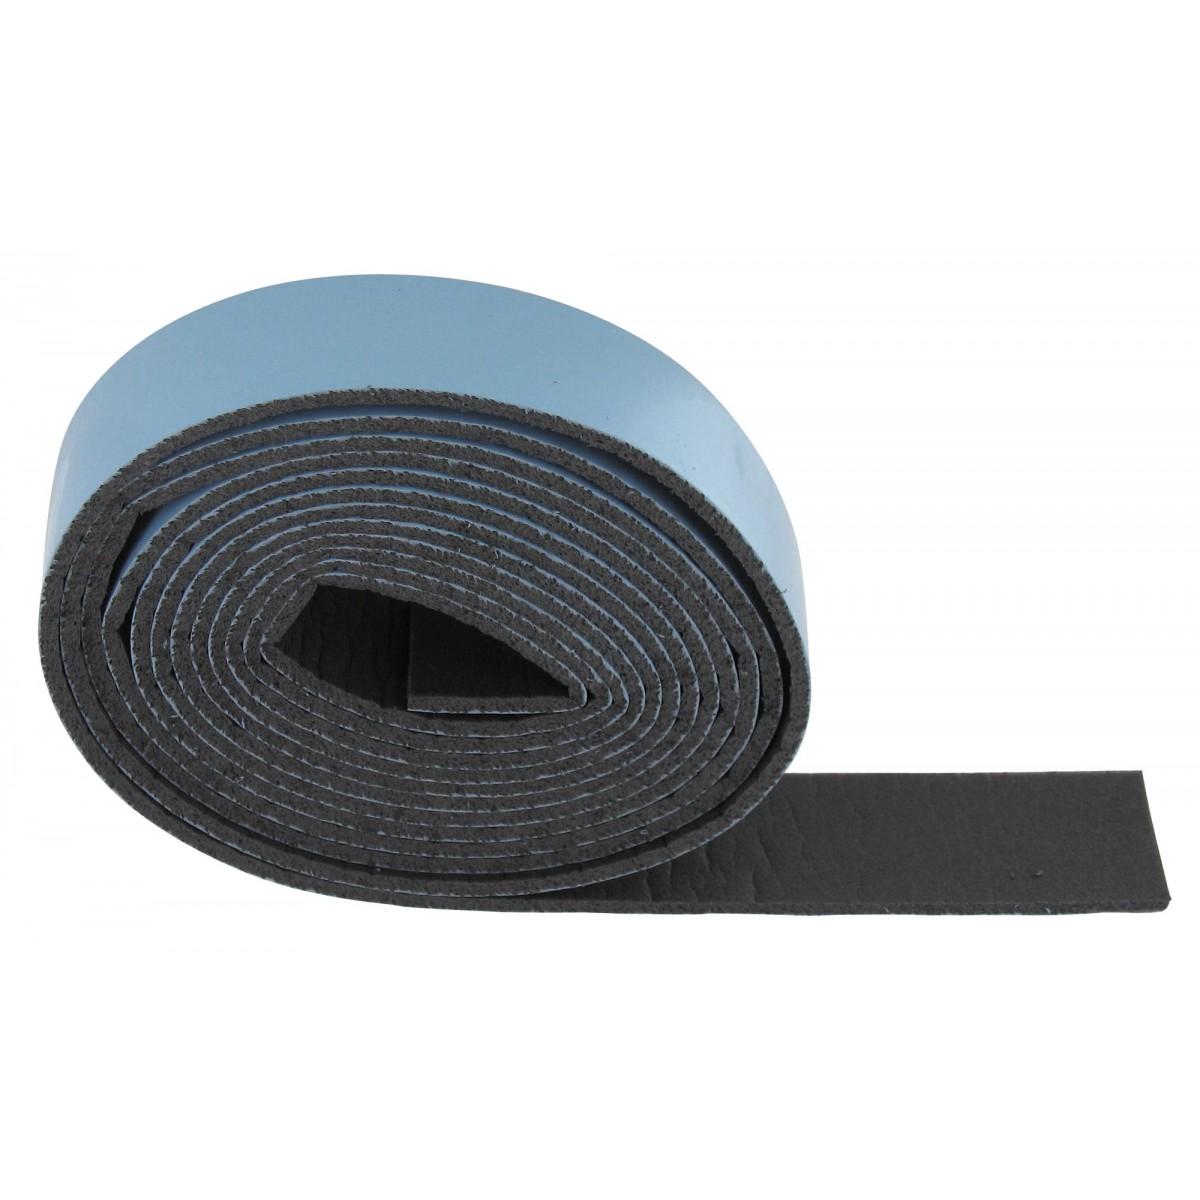 calfeutrage de tuyau pvm de calfeutrage de tuyau 1087357. Black Bedroom Furniture Sets. Home Design Ideas